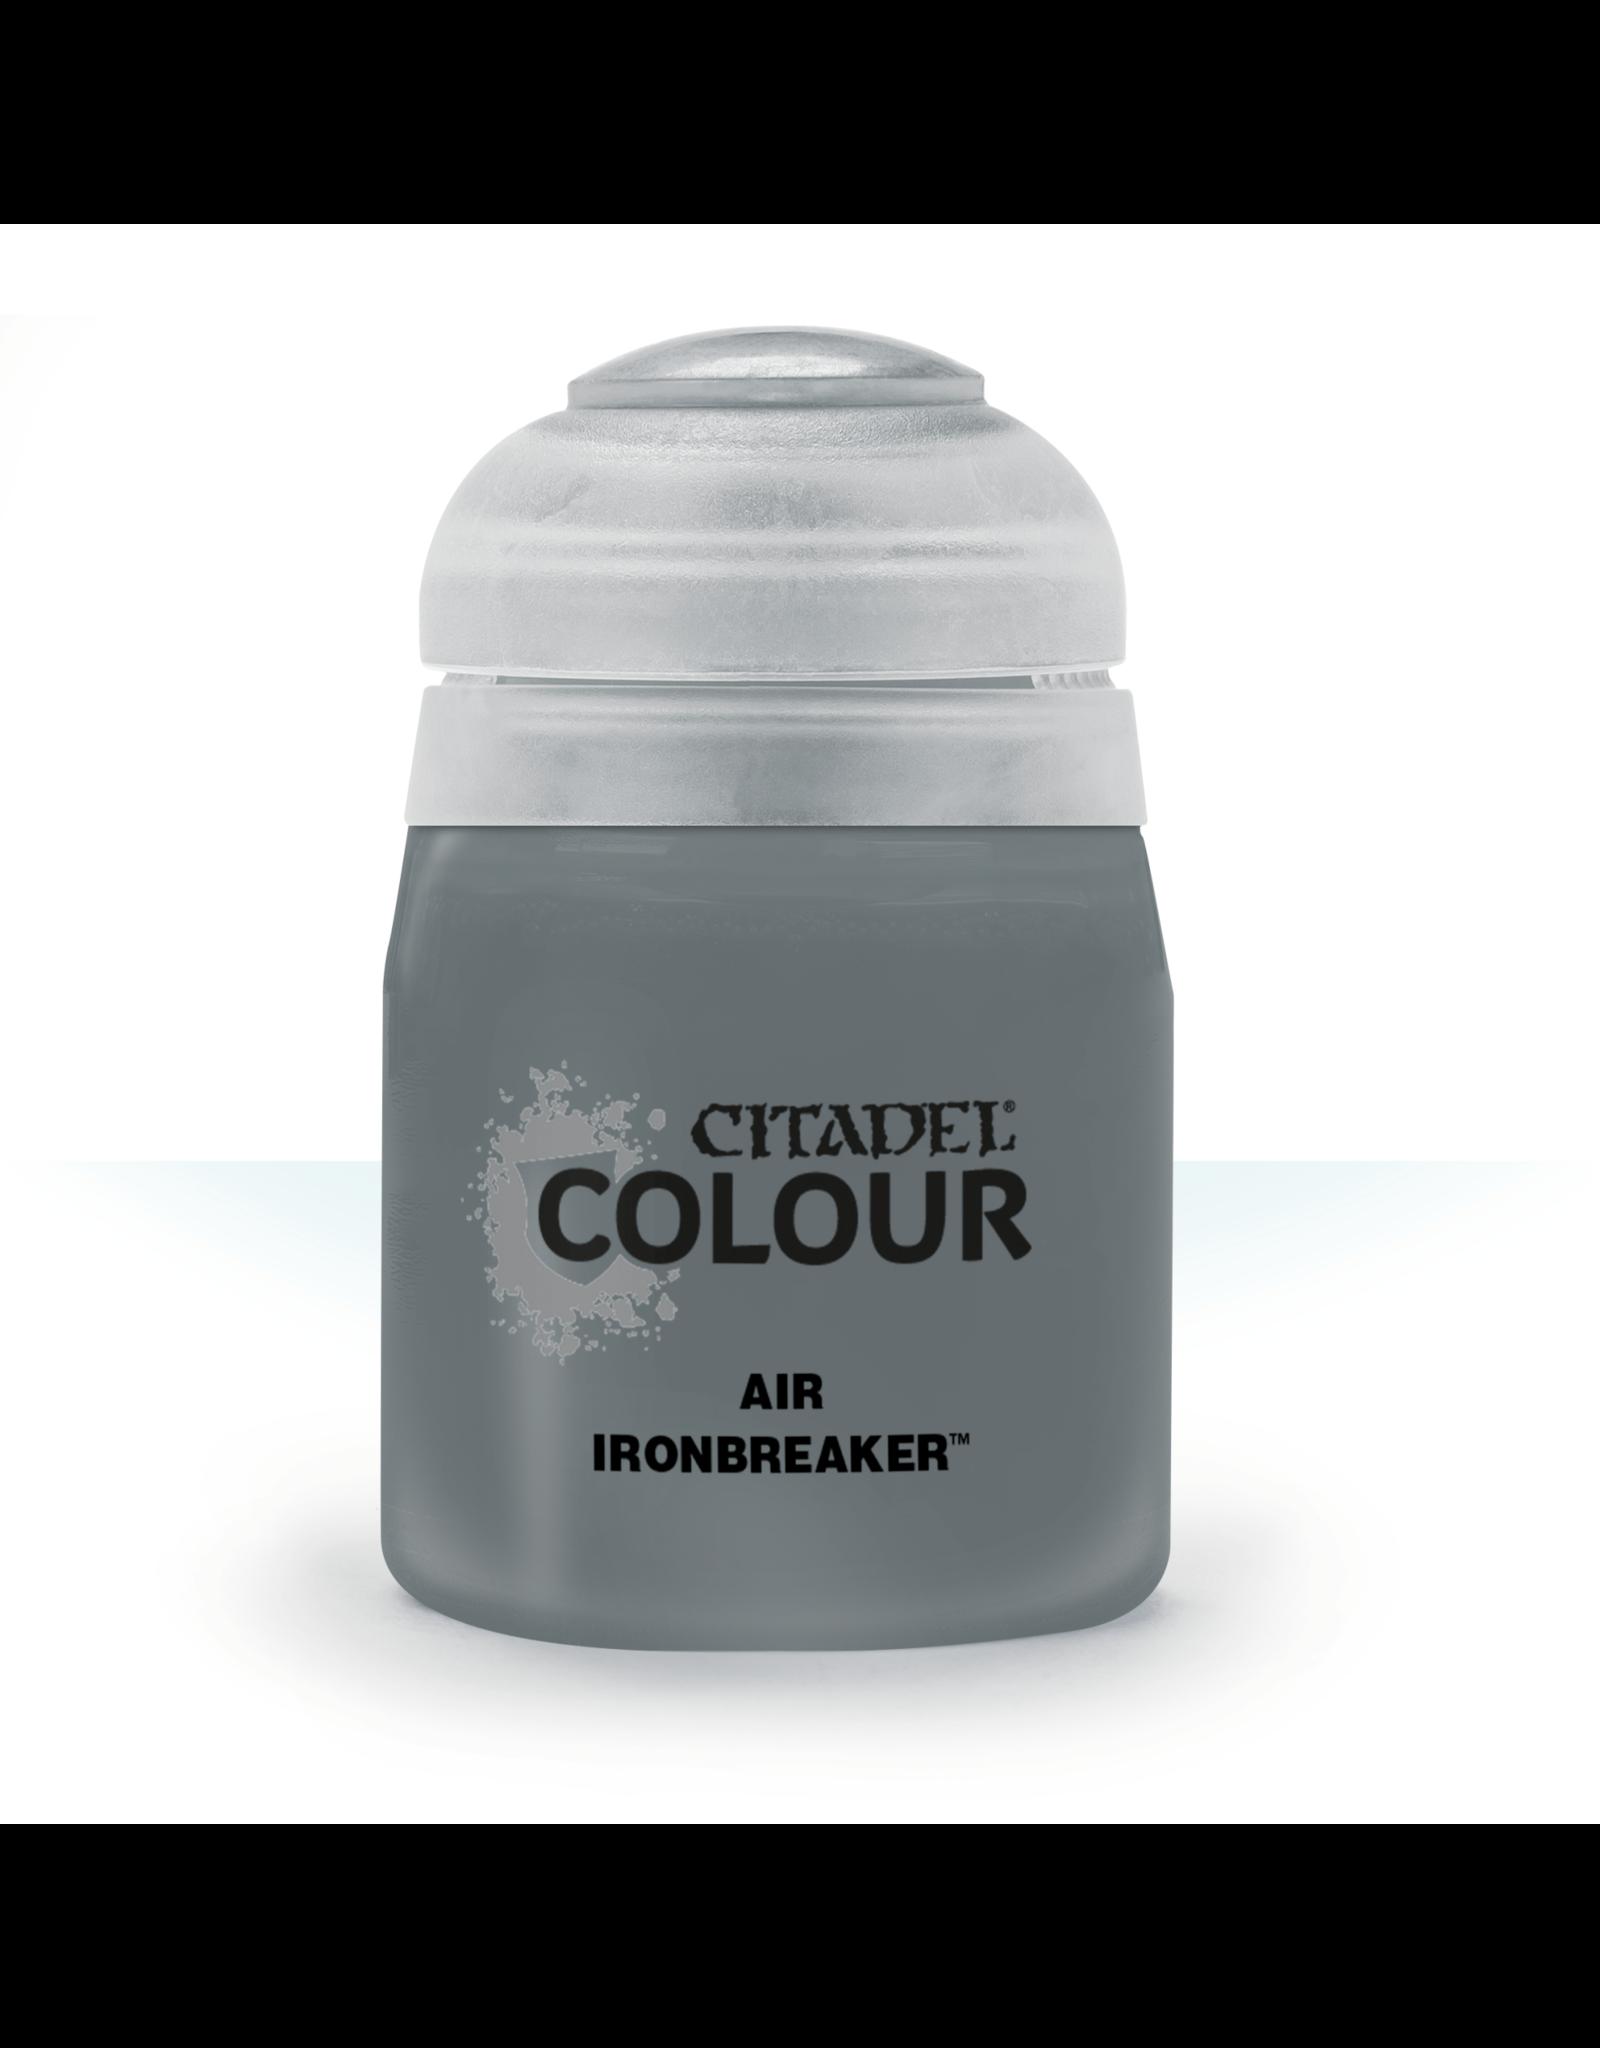 Citadel Citadel Paints Air Paint Ironbreaker